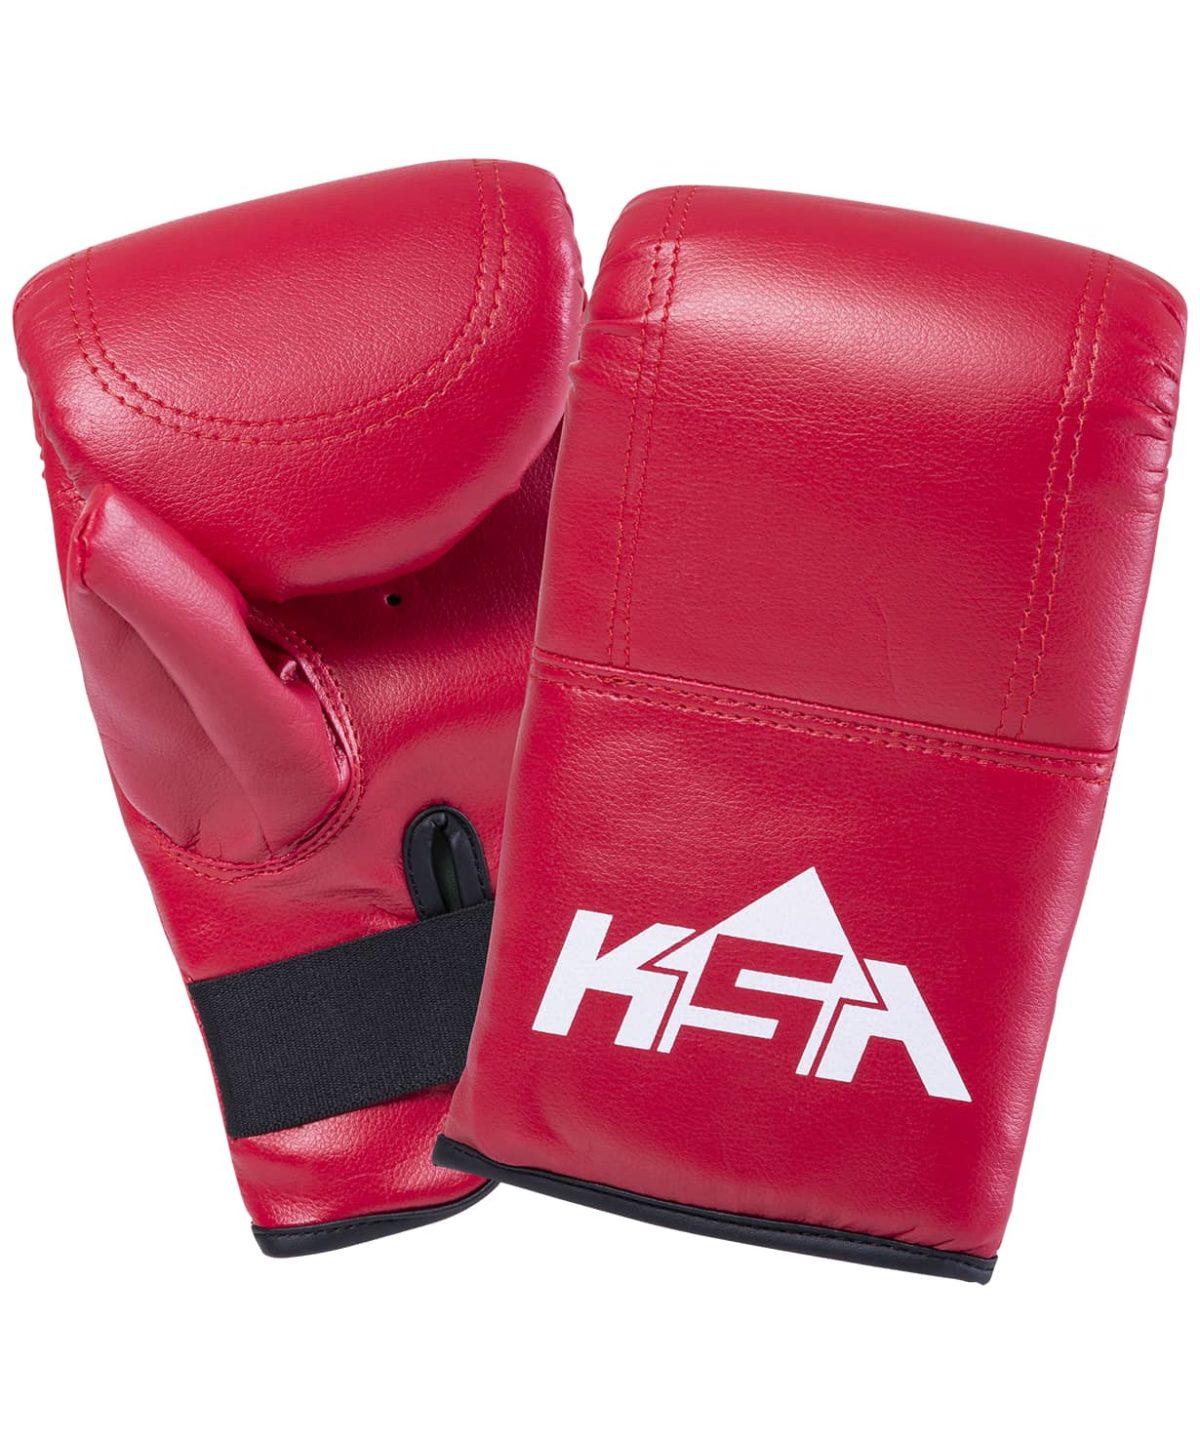 KSA Перчатки снарядные Bull, к/з 1784: красный - 1